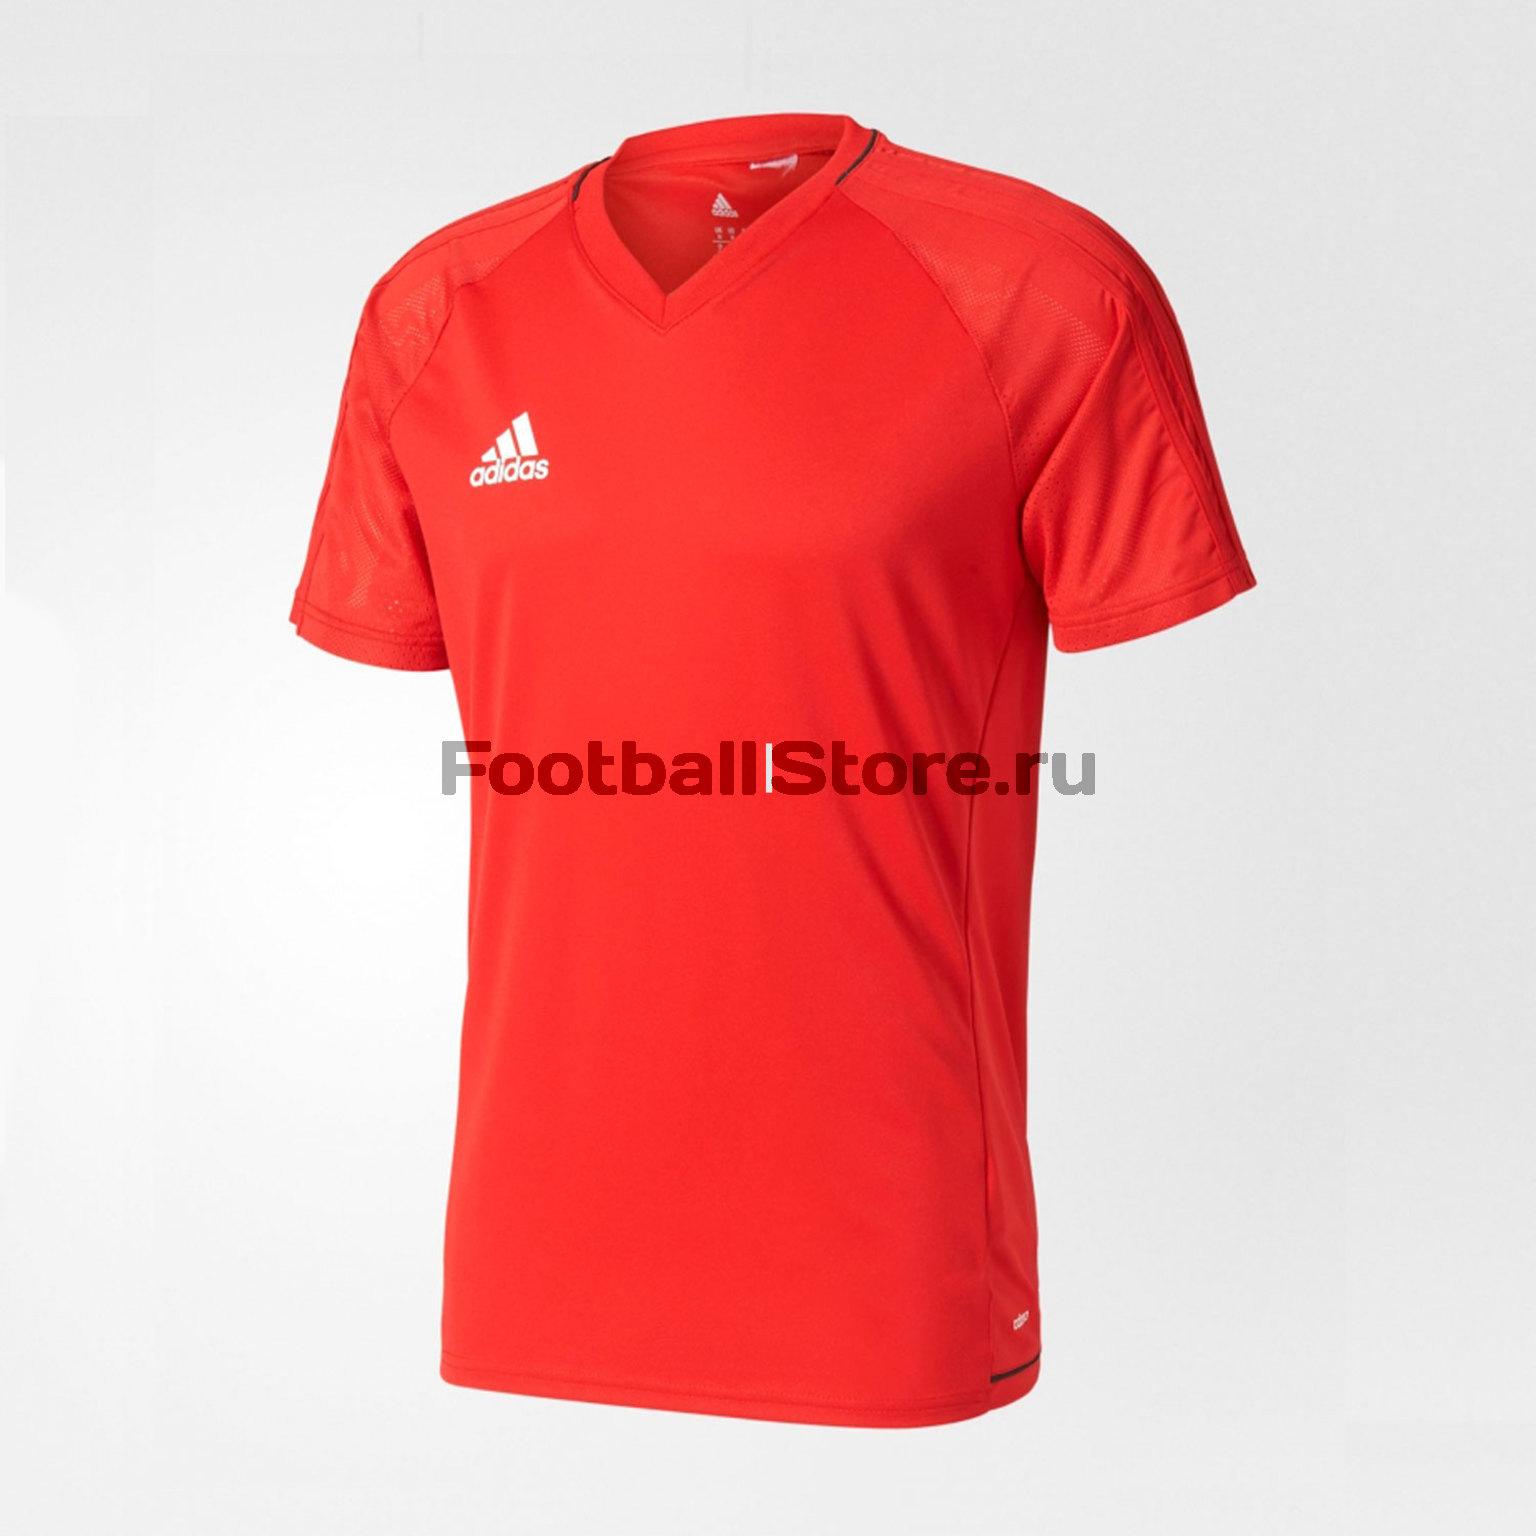 Футболка тренировочная Adidas Tiro17 TRG JSY BP8557 футболка тренировочная adidas tiro17 tee ay2964